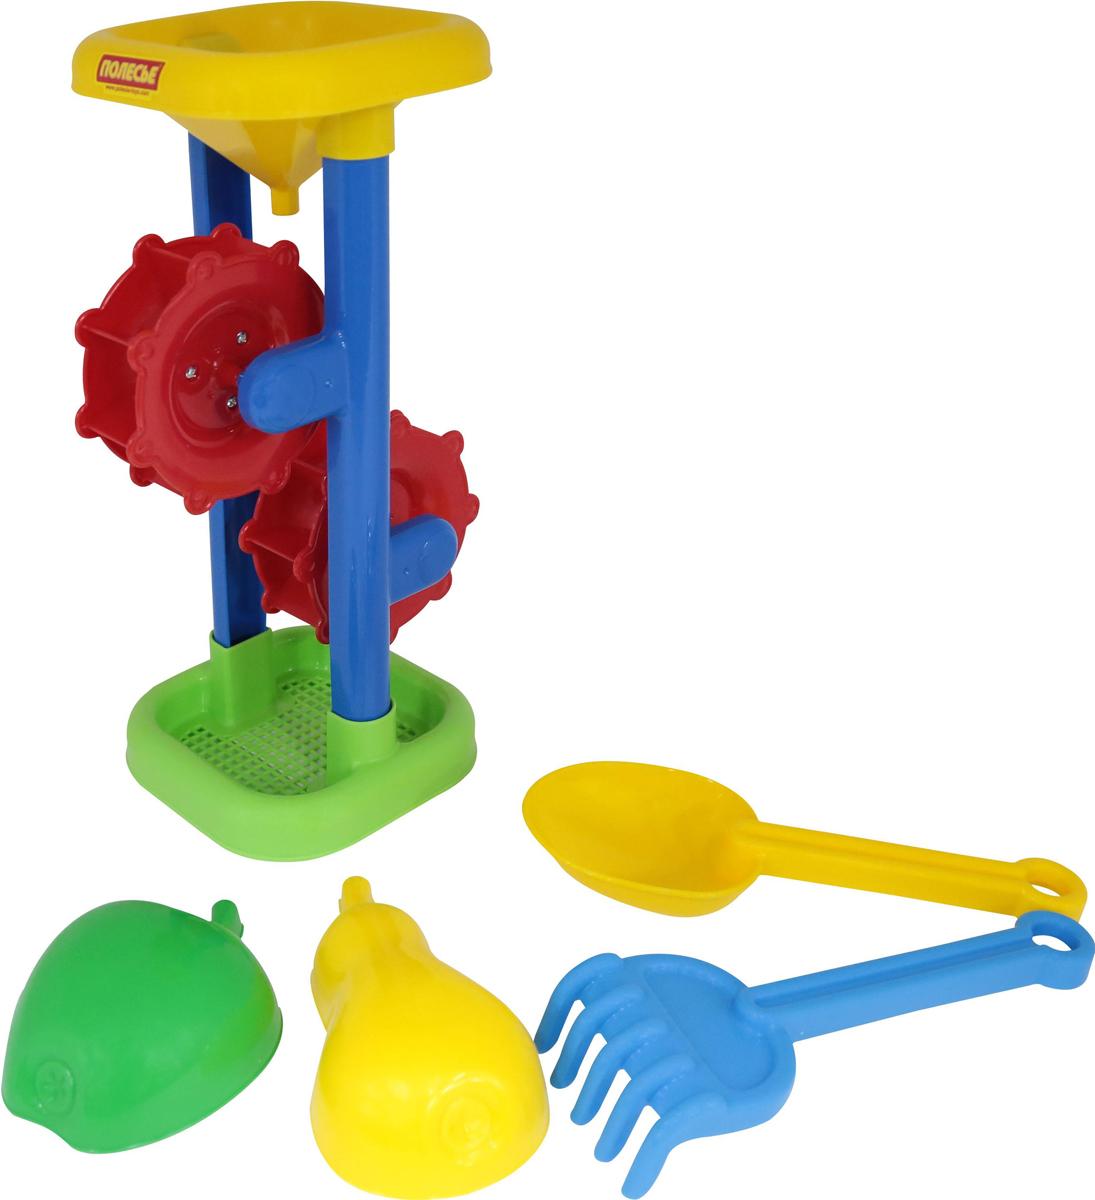 Фото - Полесье Набор игрушек для песочницы №397, цвет в ассортименте полесье набор игрушек для песочницы 281 цвет в ассортименте